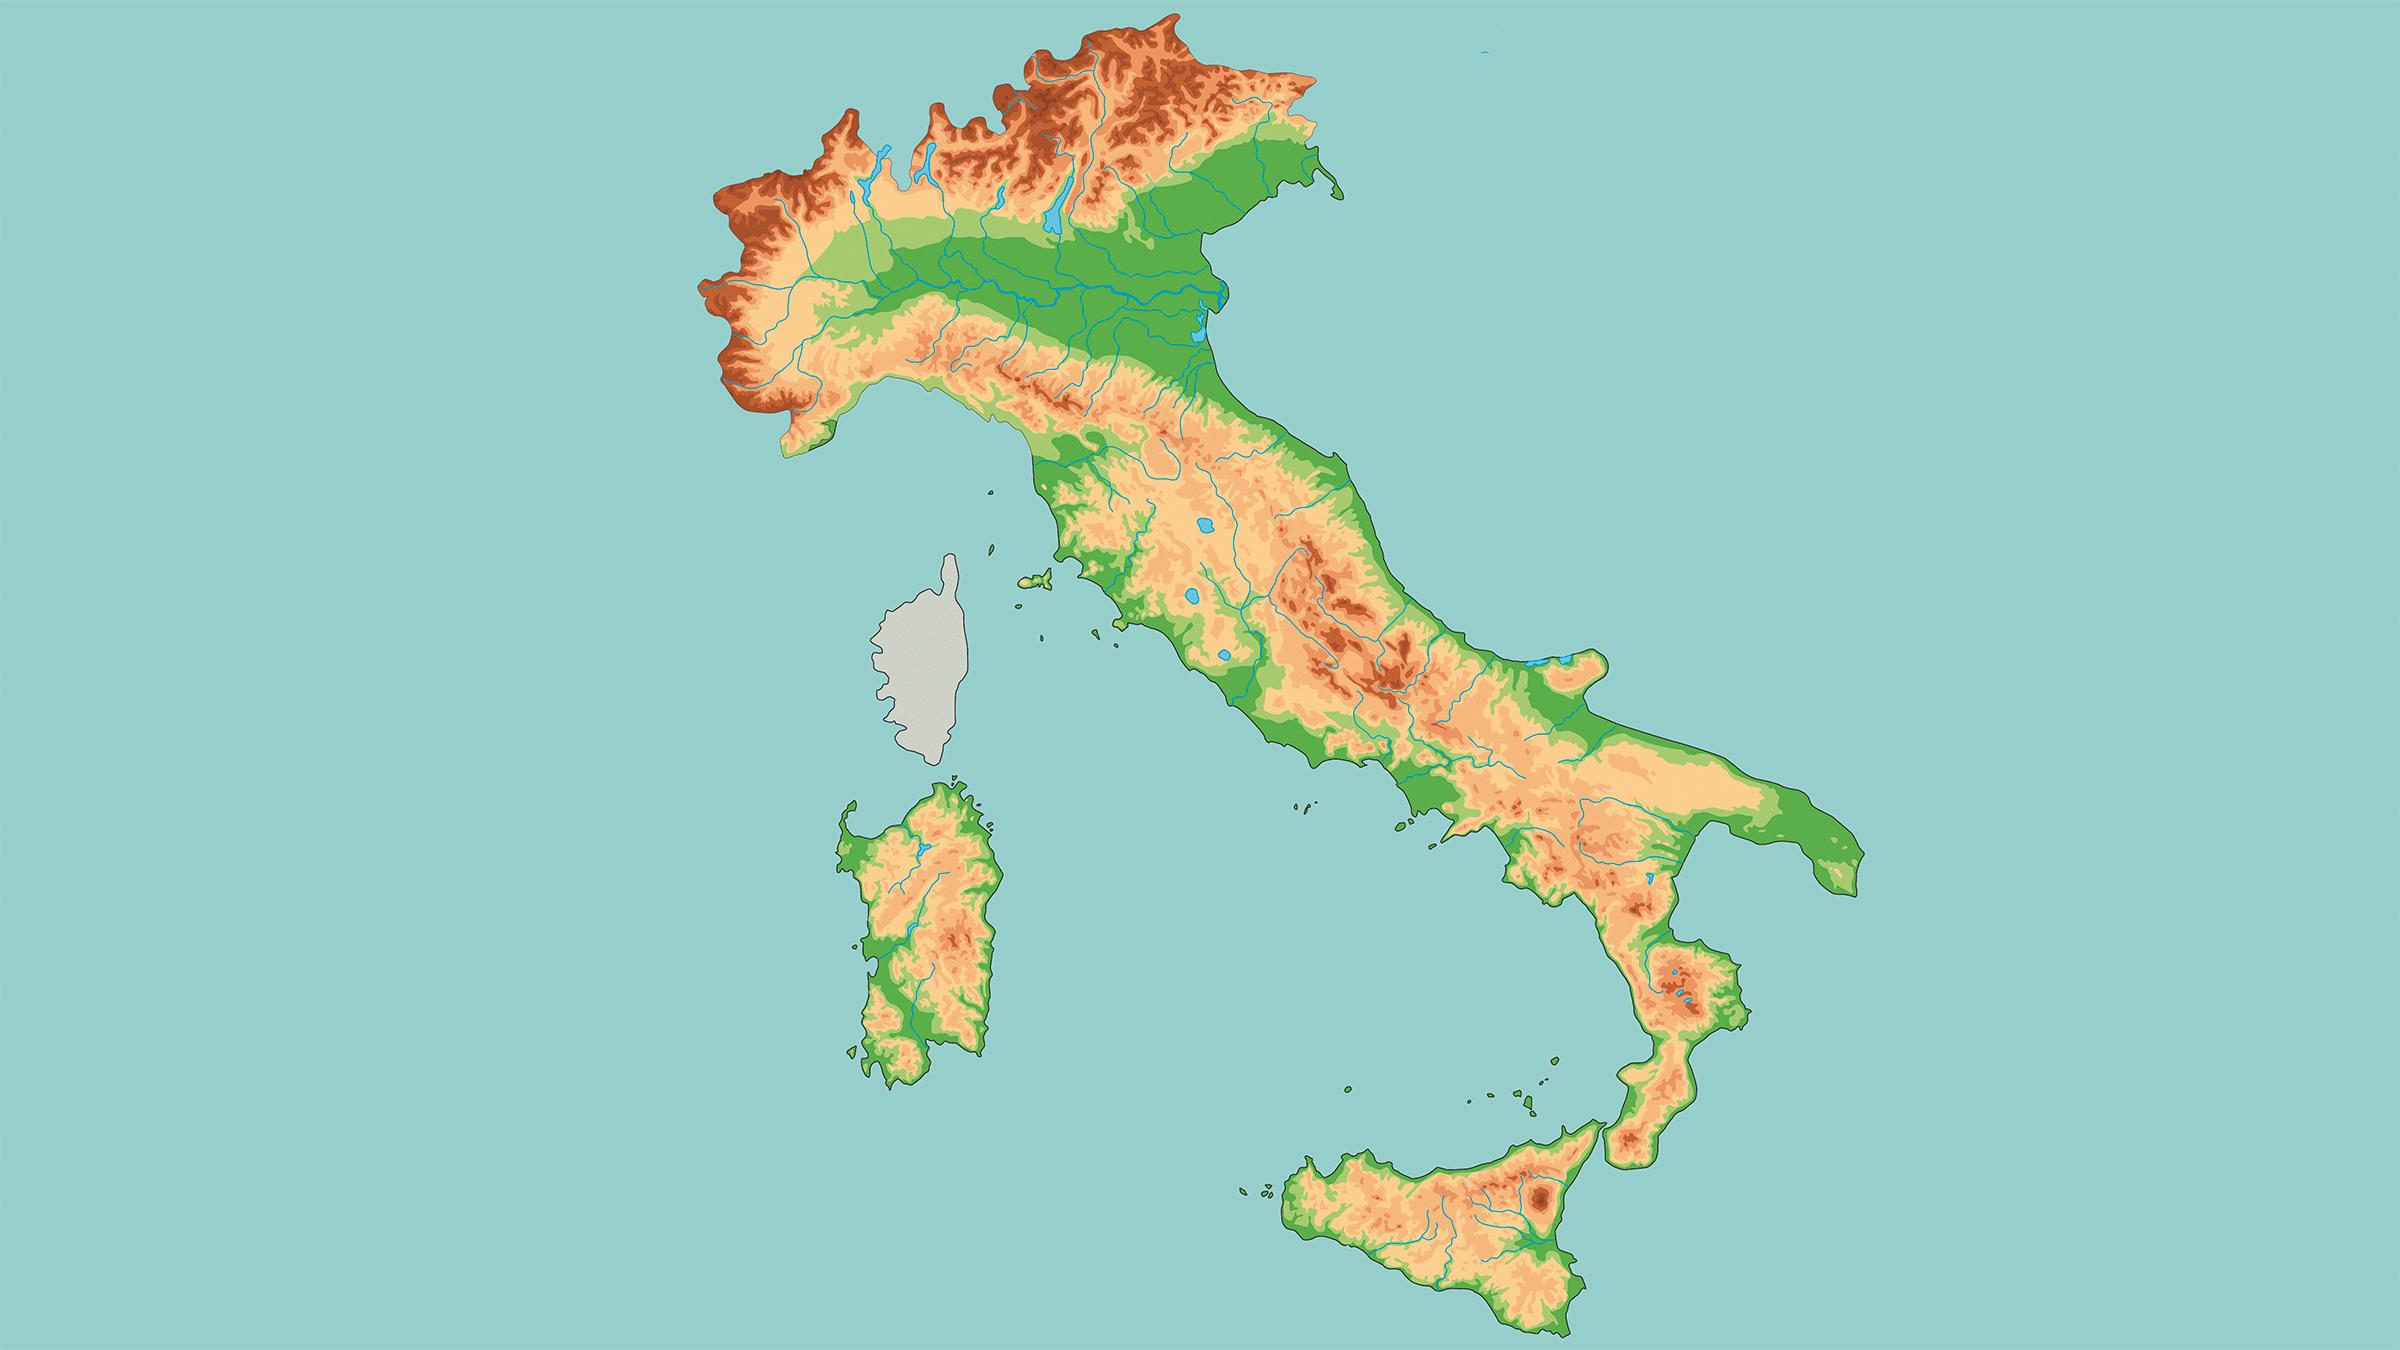 Mapa Físico Mudo De Italia Mapas Del Mundo Pinterest - Mapa de italia